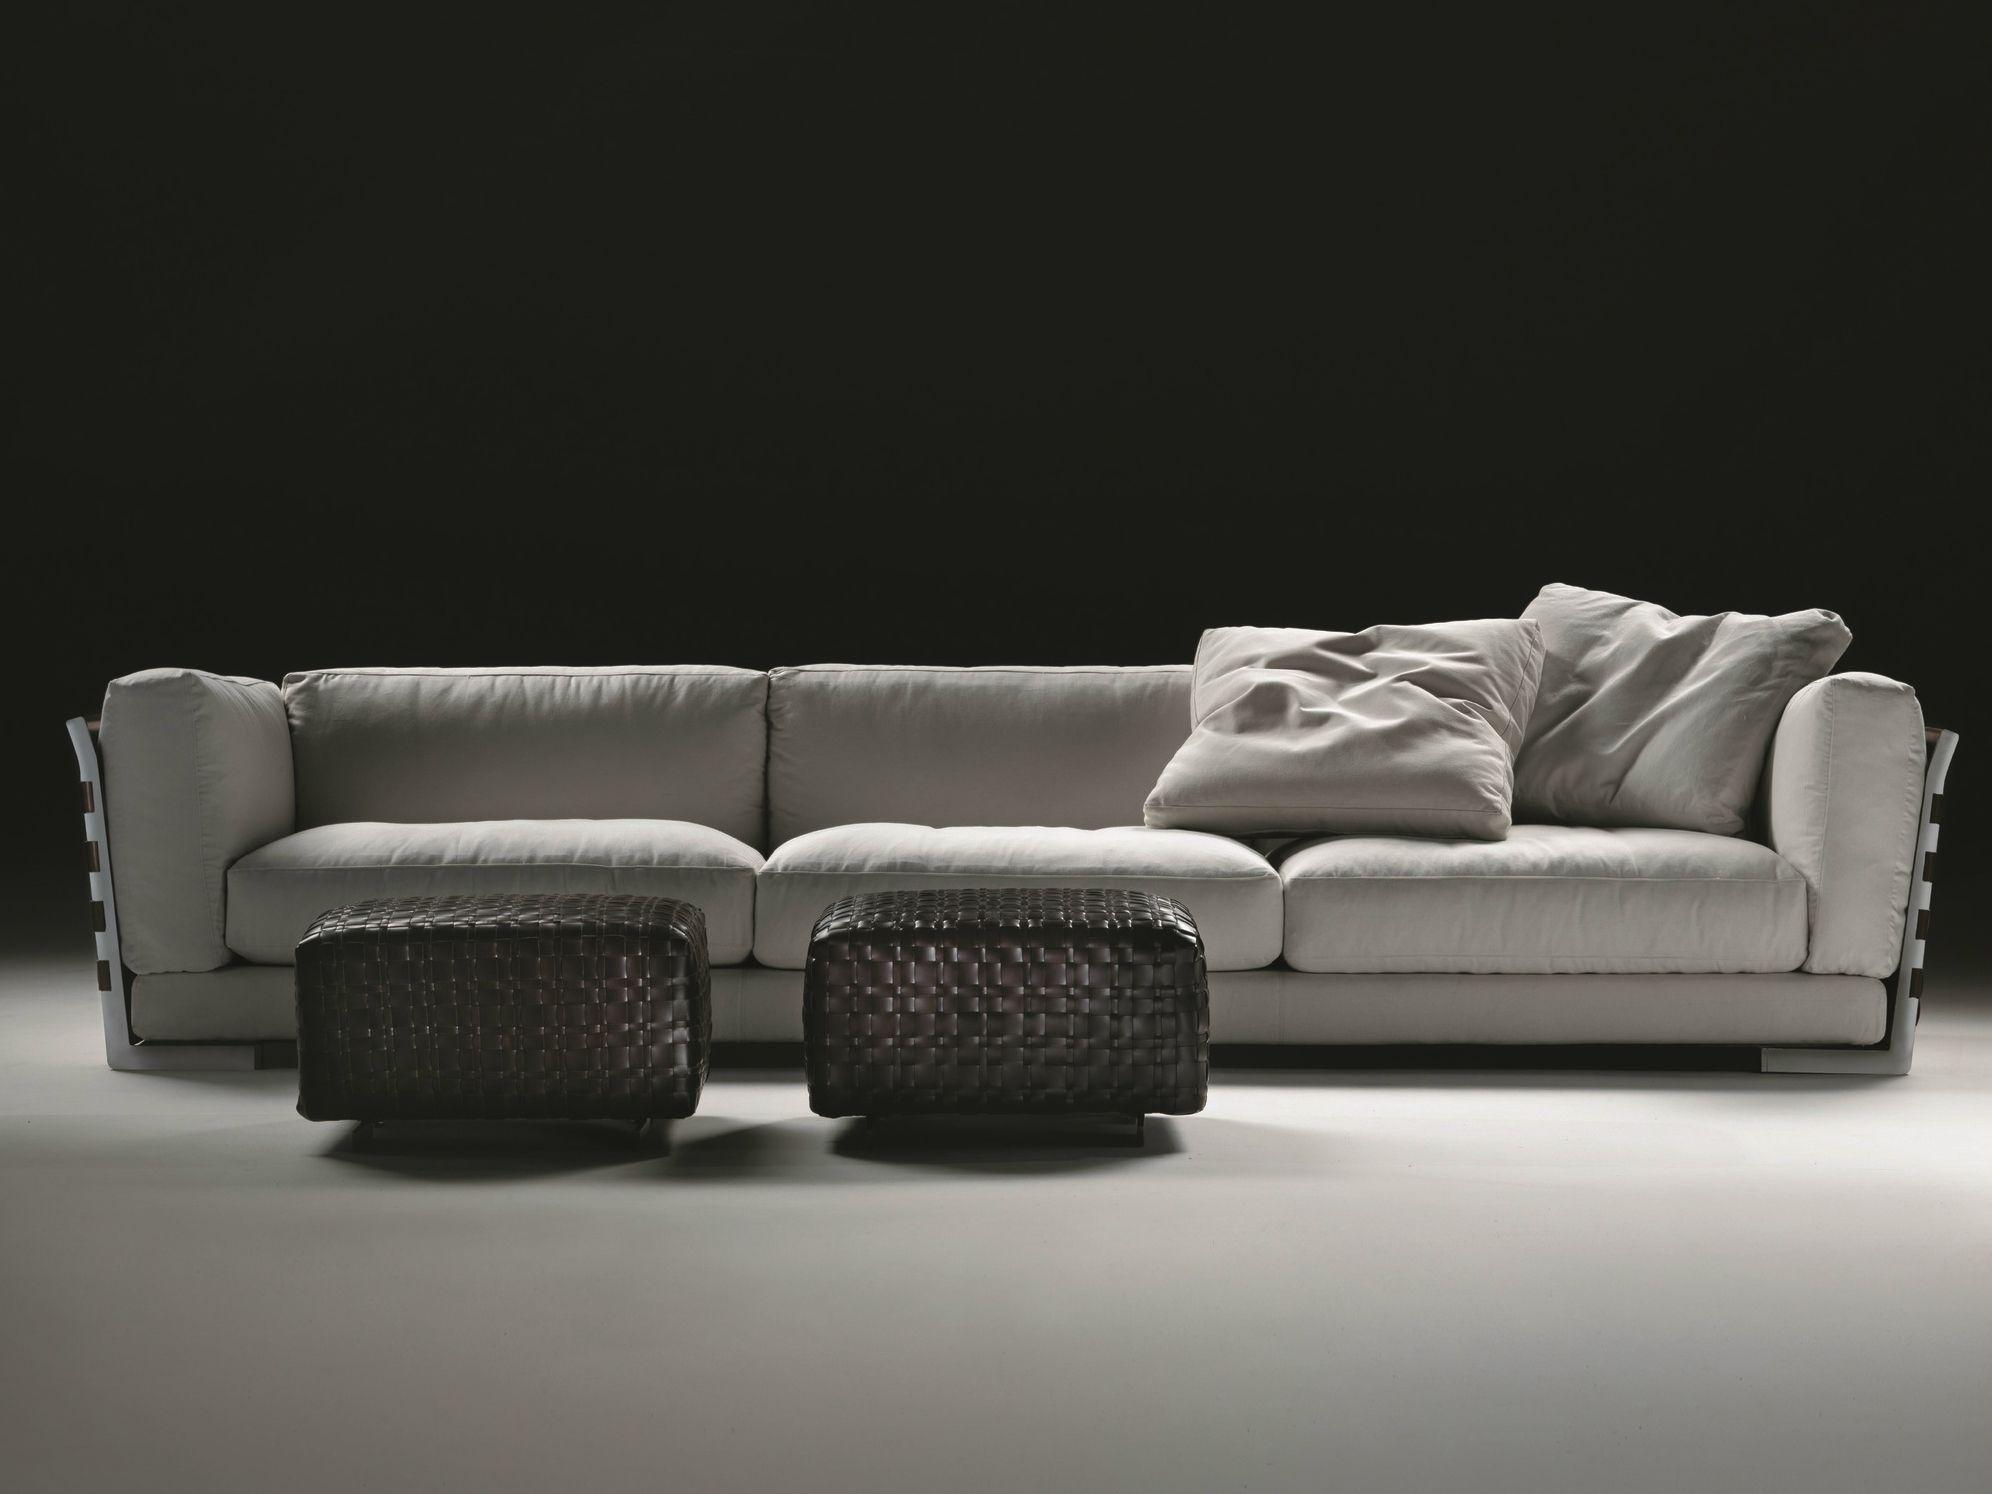 Cestone 09 divano by flexform design antonio citterio for Divano sfoderabile